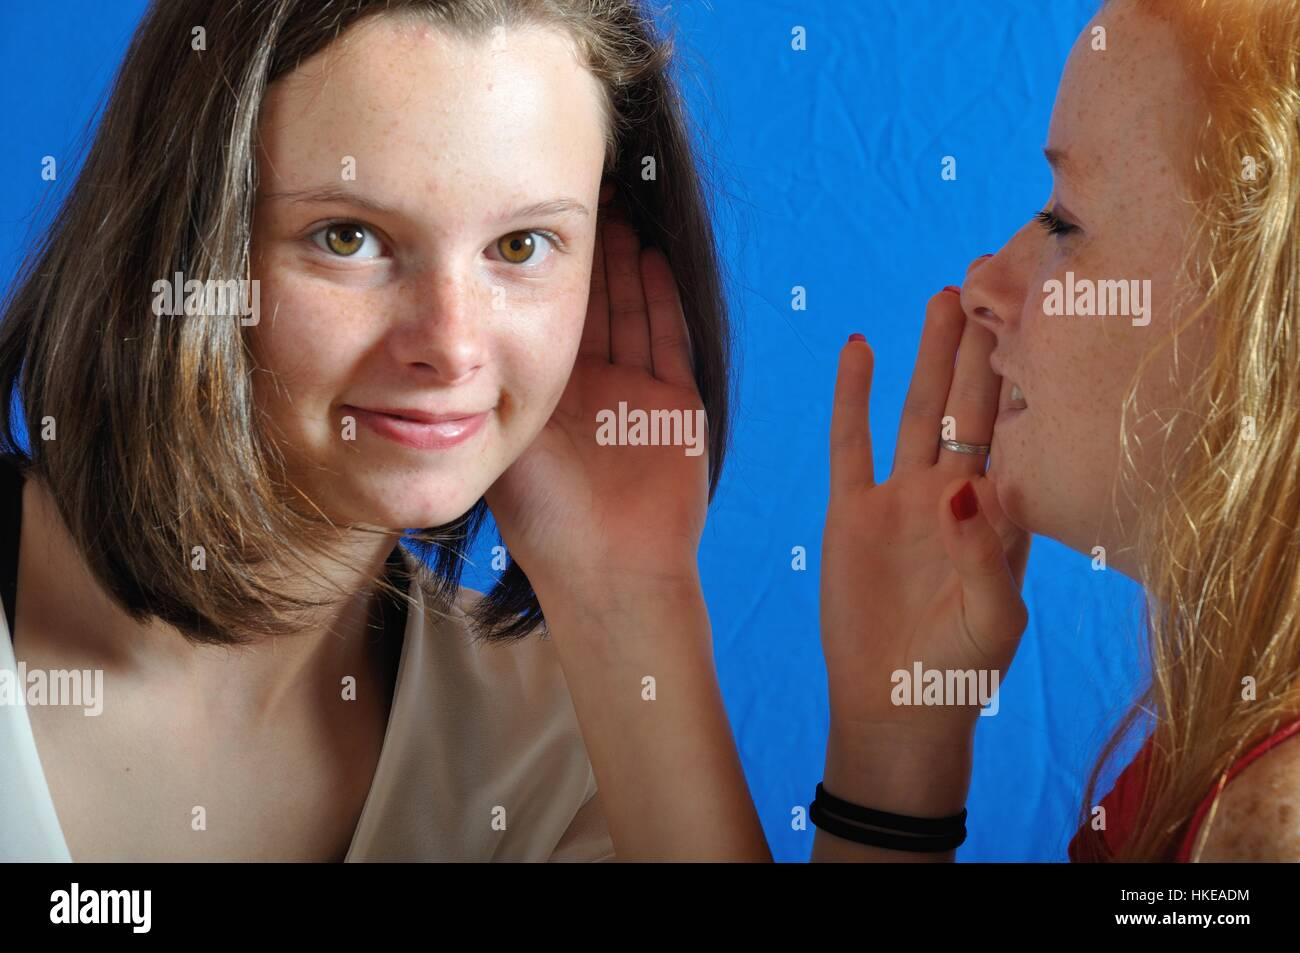 La complicidad entre dos adolescentes Imagen De Stock